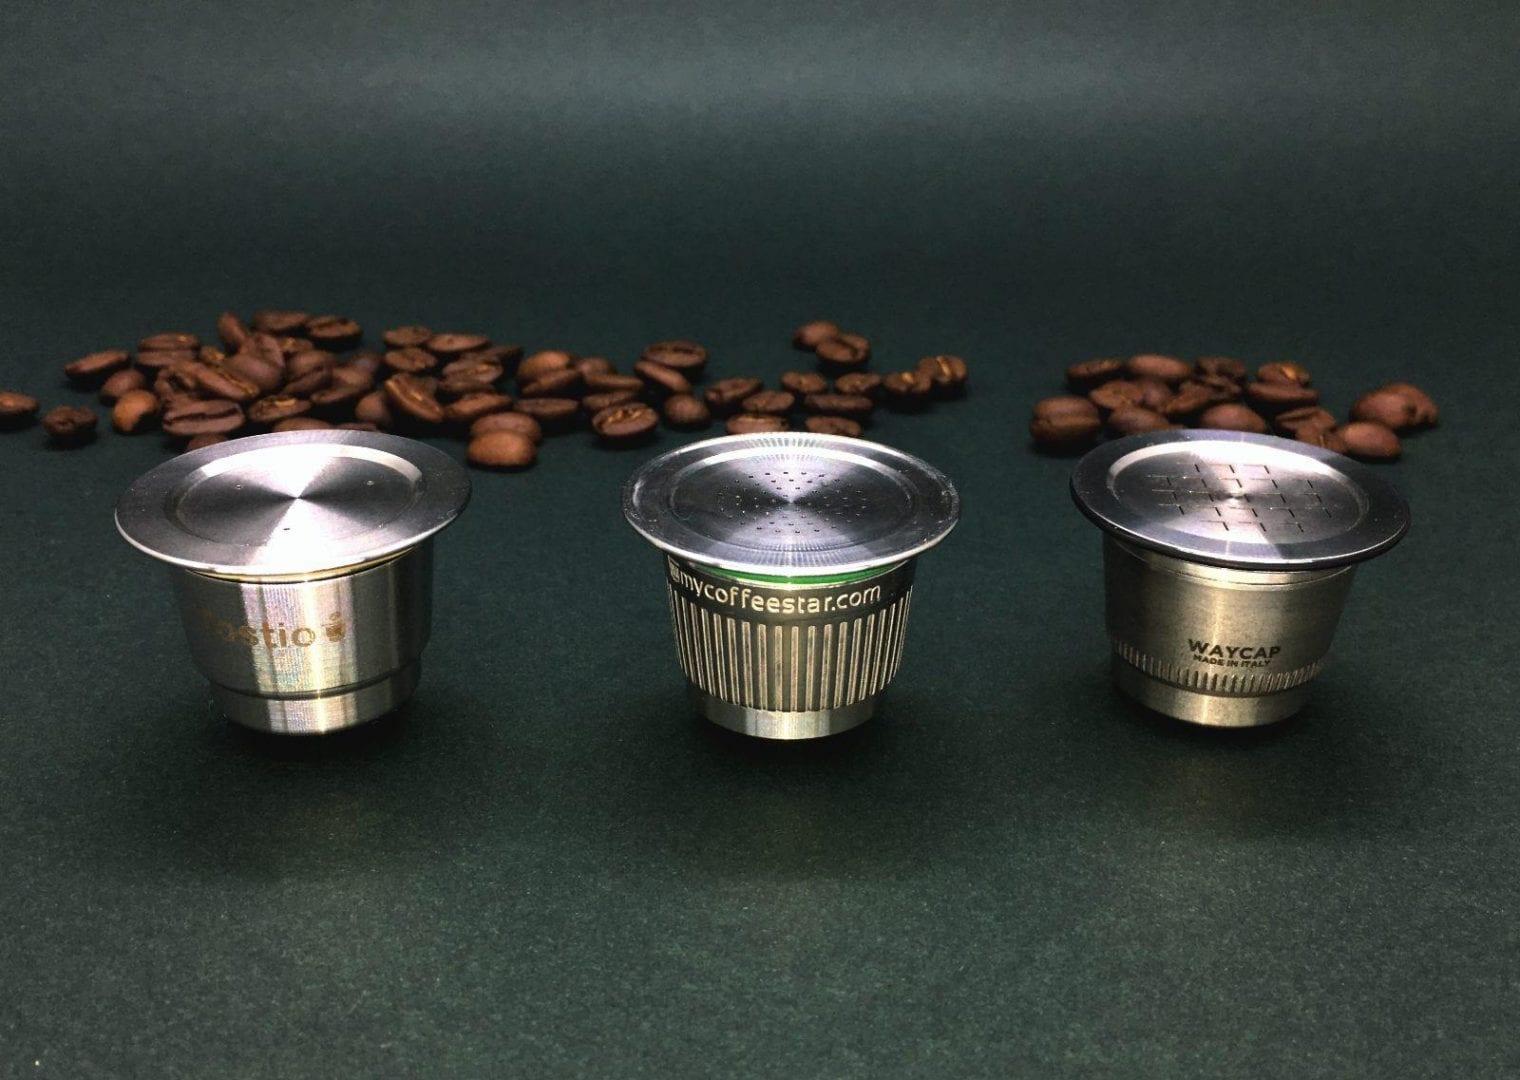 Cápsulas de café - da praticidade a um grande problema